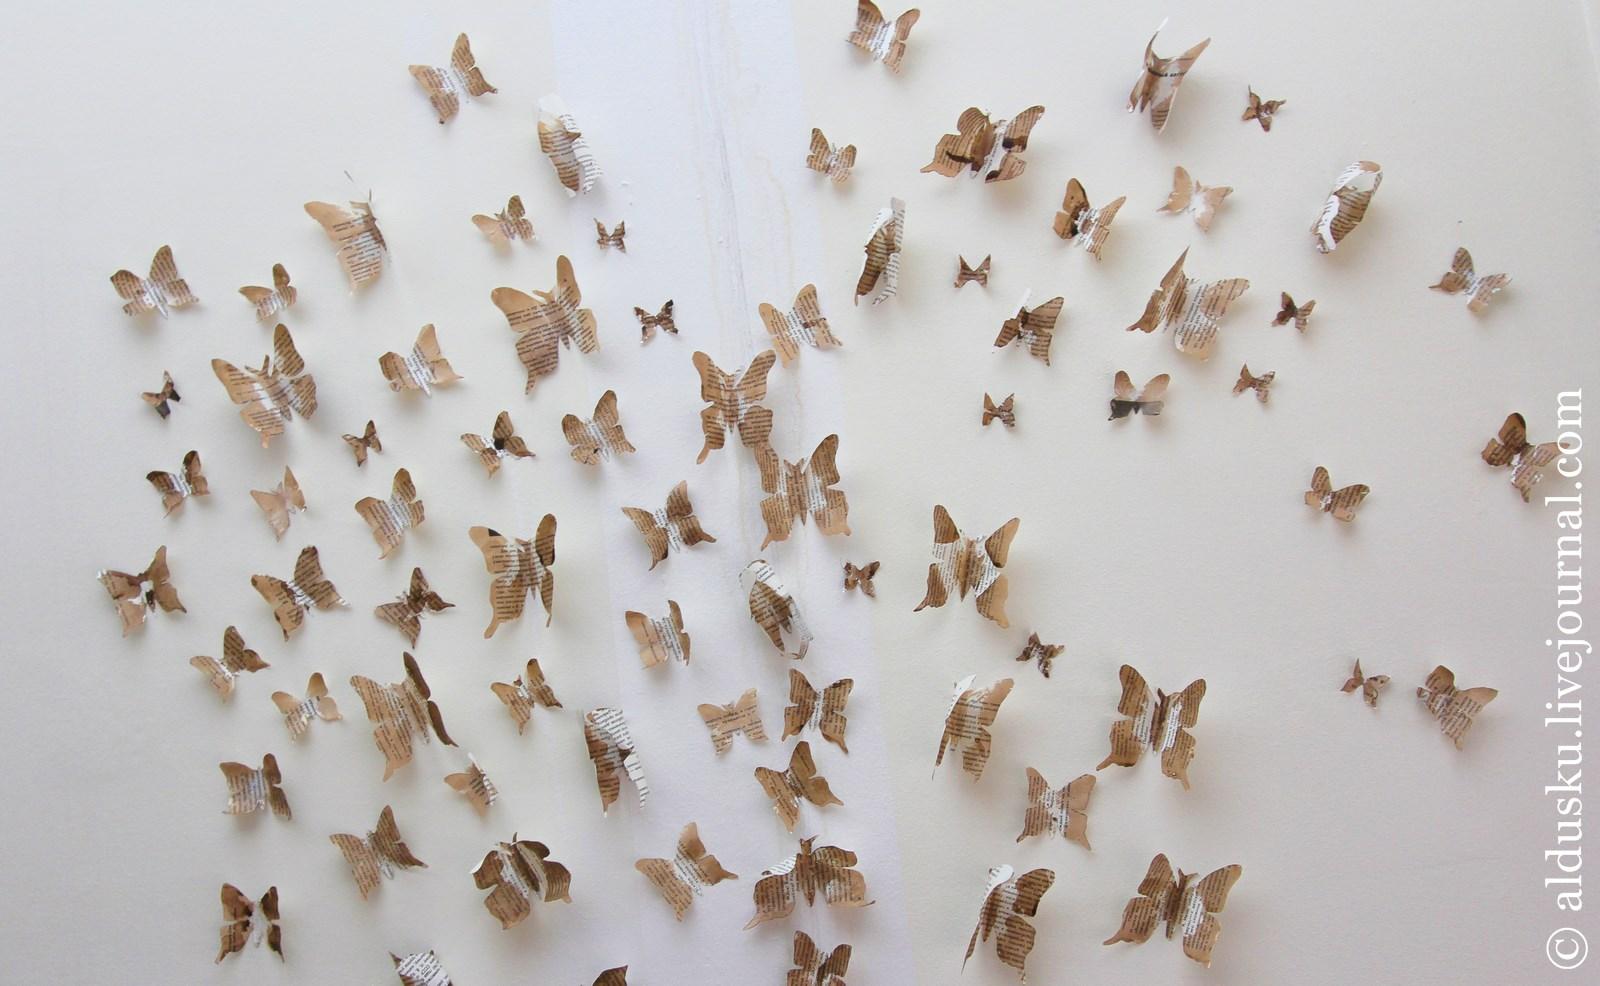 16. Бабочки, вырезанные из газет и наклеенные на стены кафе.